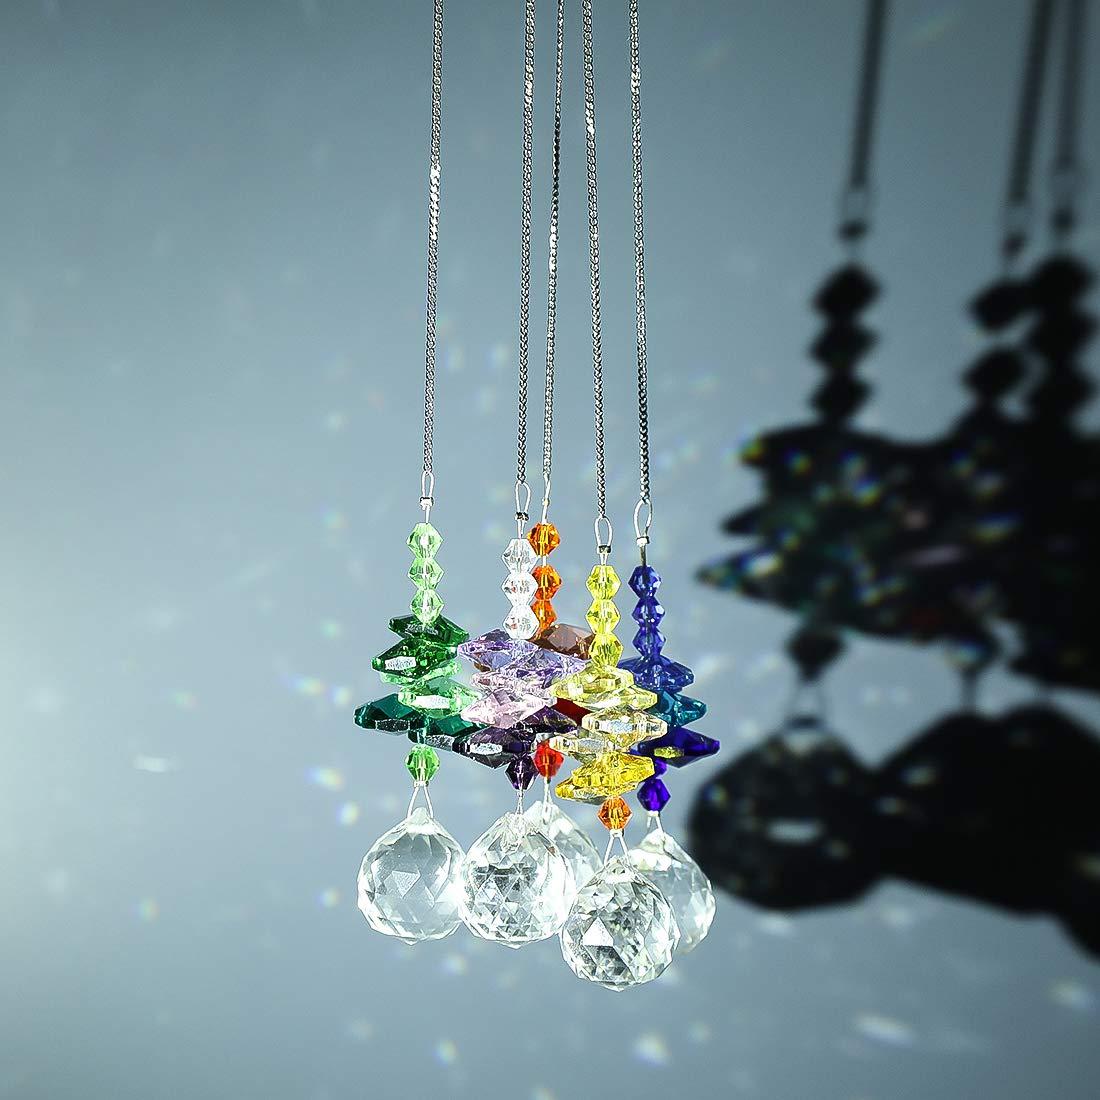 Party H/&D H/ängender Kristall-Kronleuchter Prismen-Anh/änger mit Geschenkbox Garten Dekoration f/ür Geburtstag Sonnenf/änger Fenster Kristalle